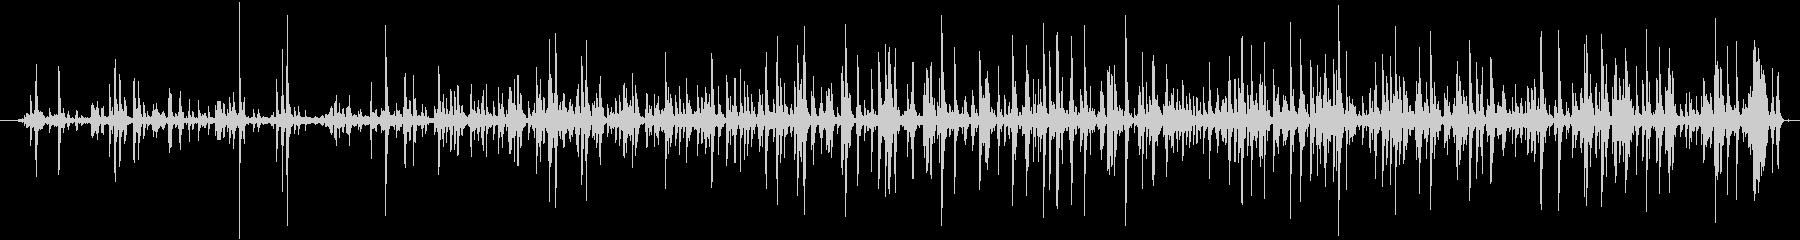 ルースメタルホイールクランク:ター...の未再生の波形